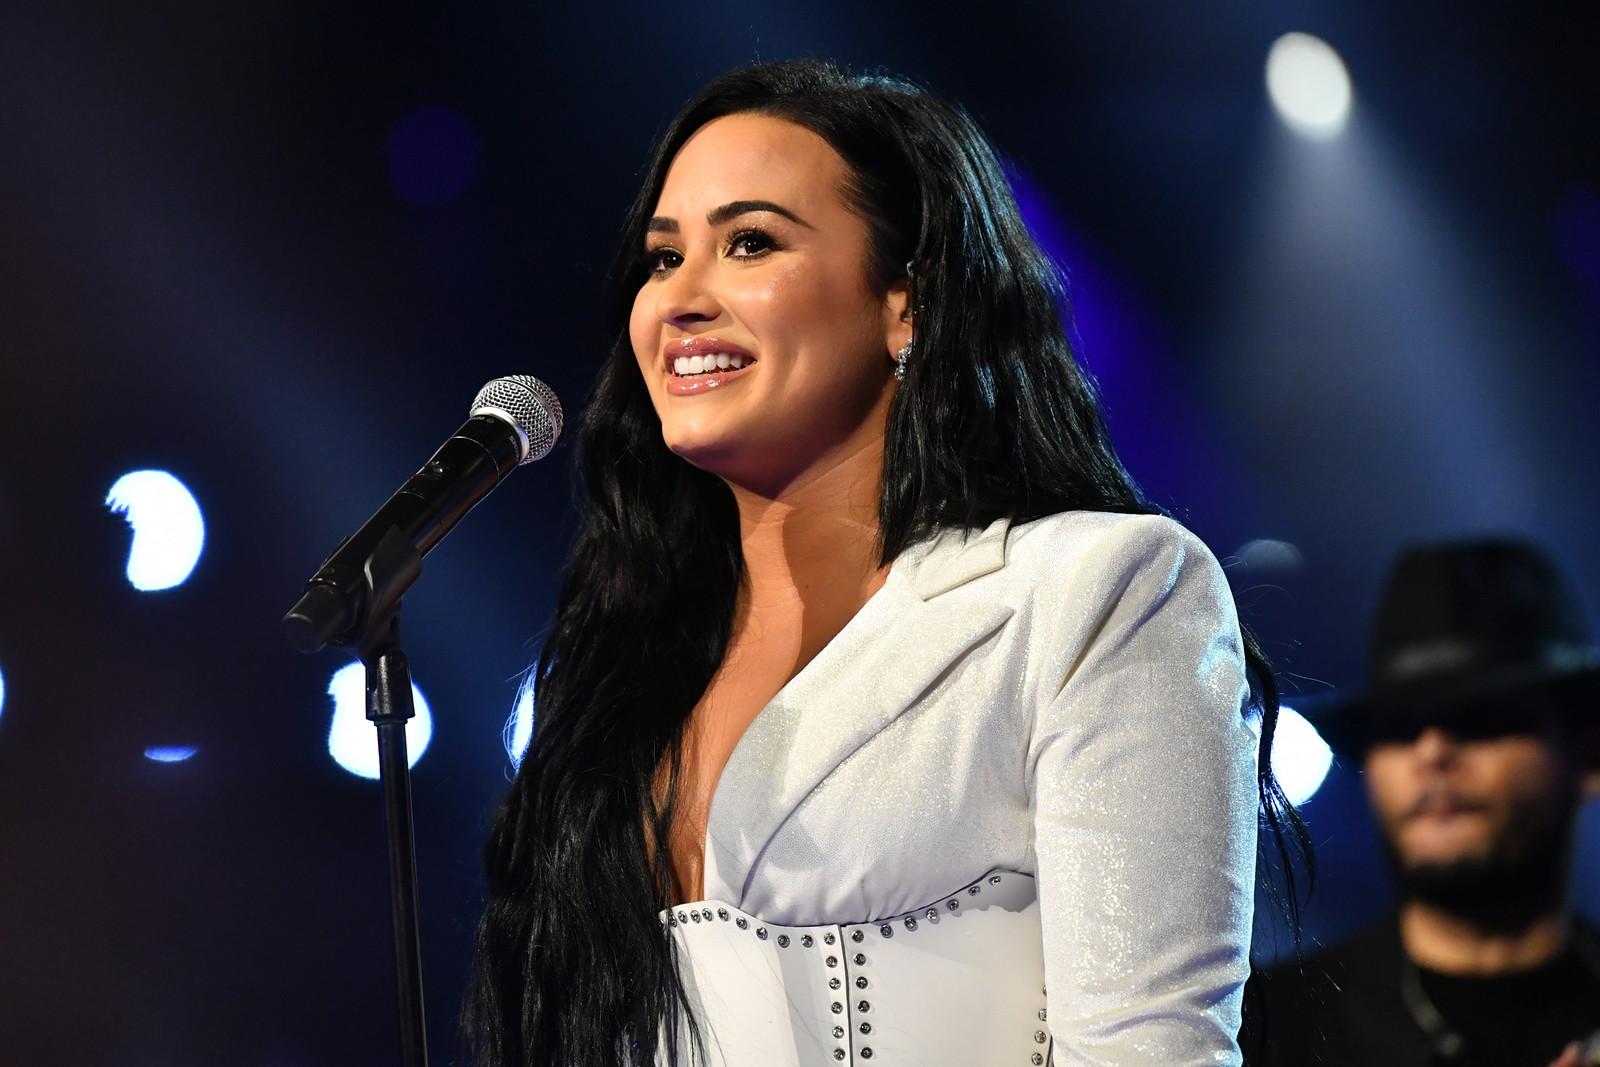 Extra-campo: sarà Demi Lovato a cantare l'inno degli Stati Uniti d'America primi dell'inizio del match.